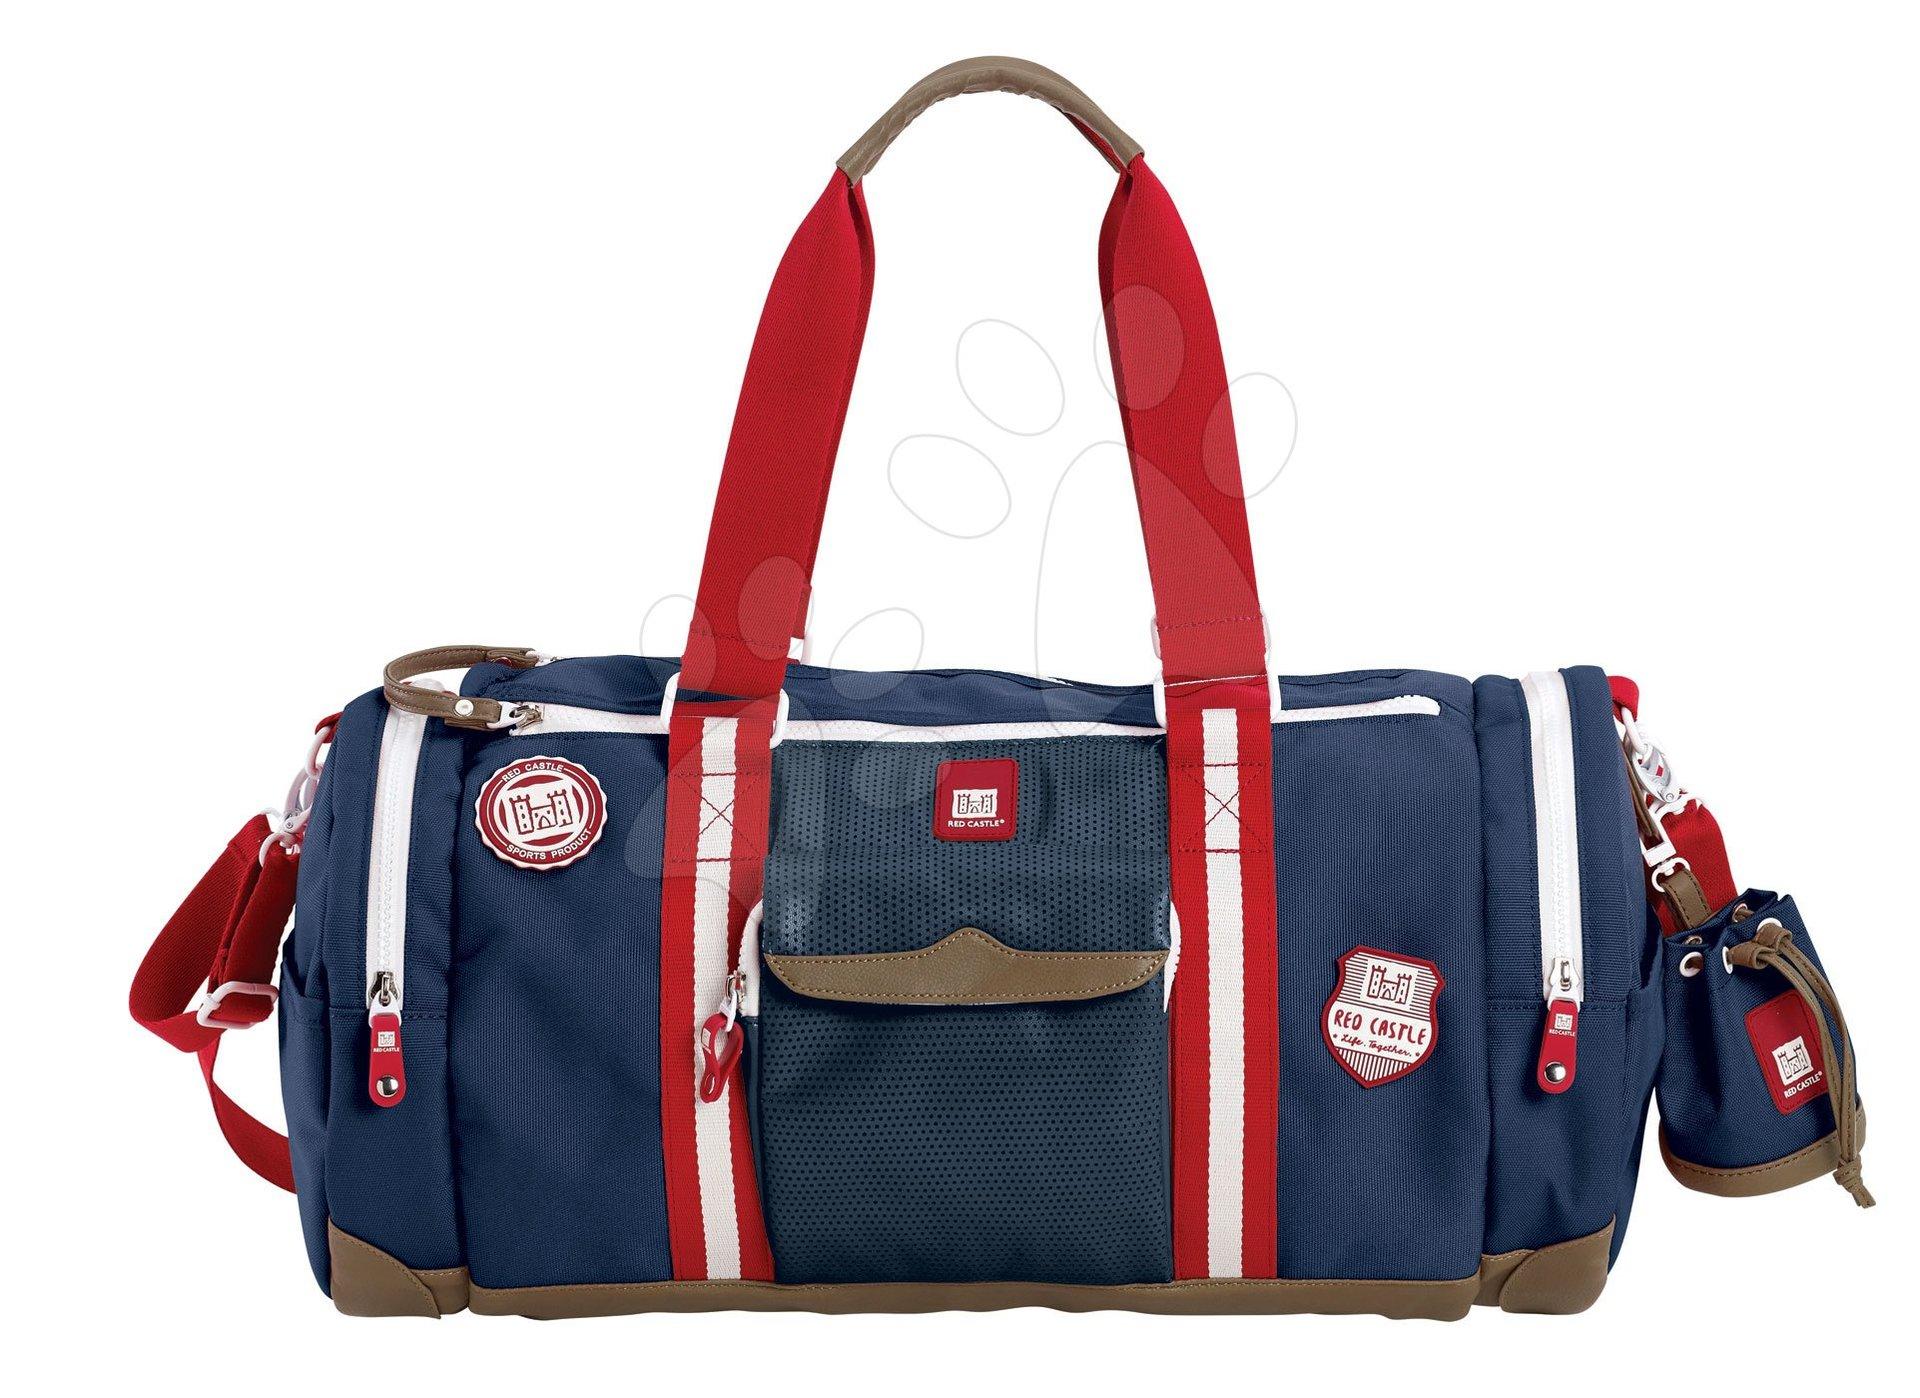 Prebaľovacie tašky ku kočíkom - Prebaľovacia cestovná taška ku kočíku Bowling Red castle modrá